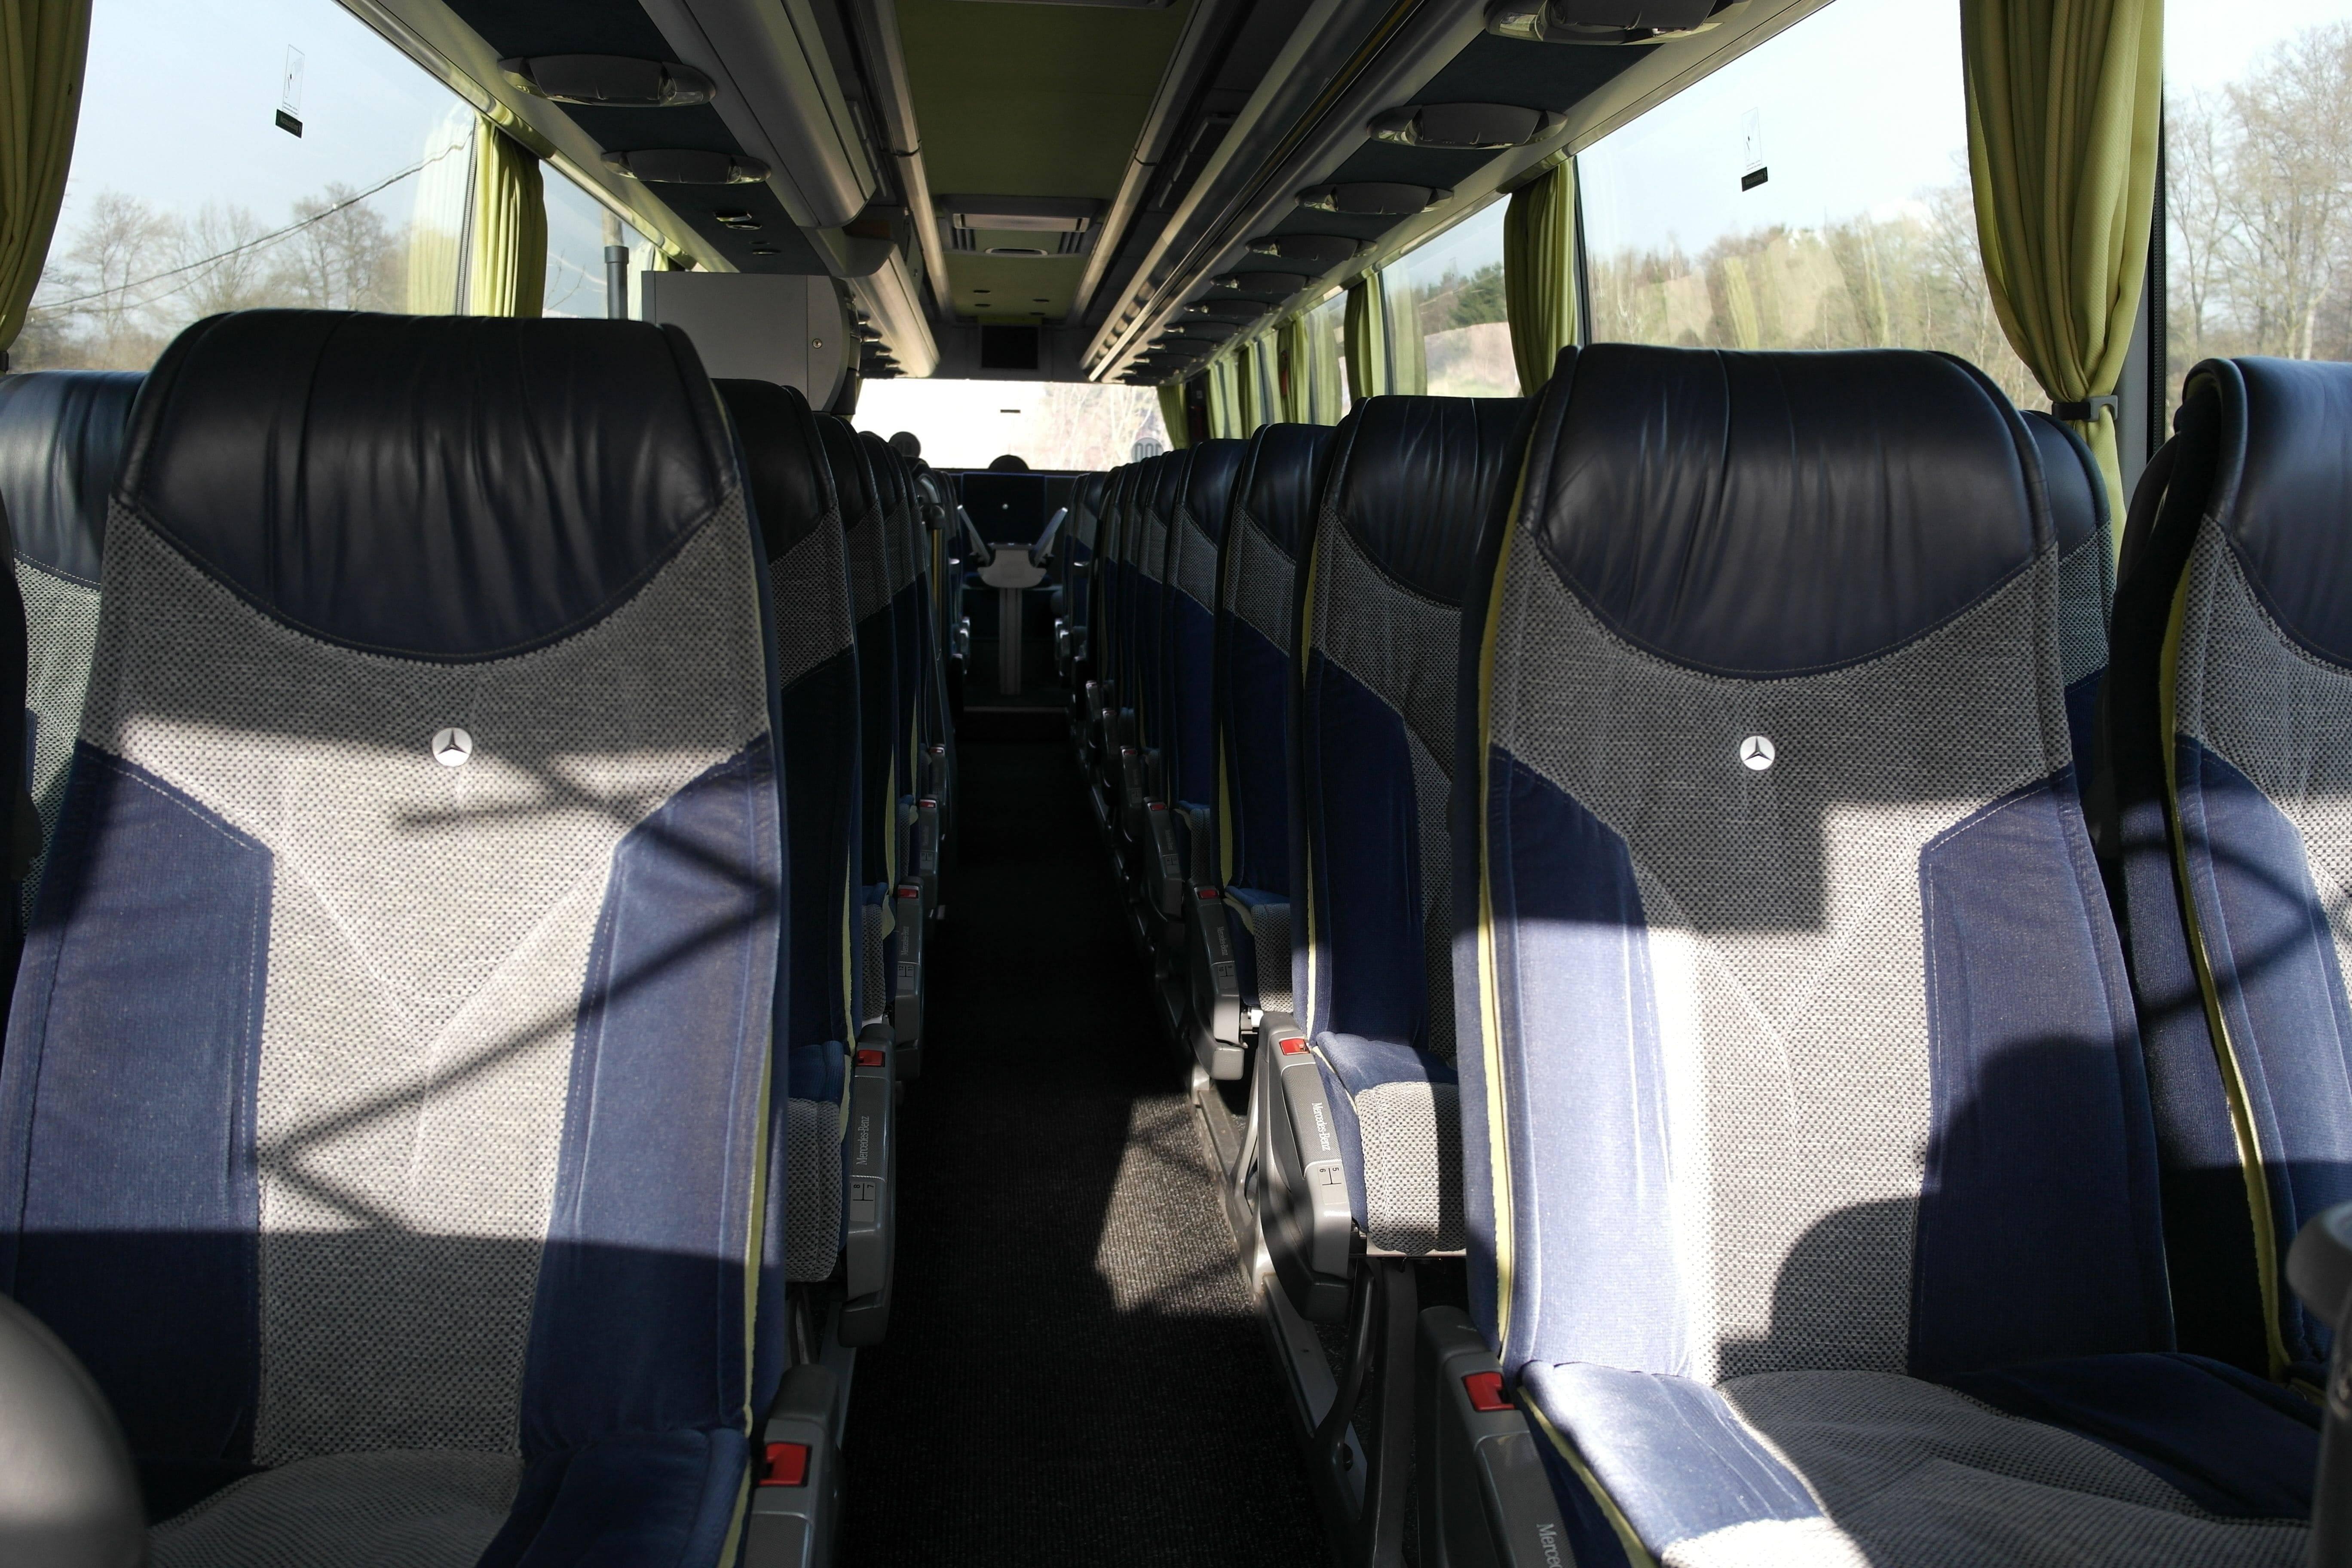 Luxus-Reisesitze im Mercedes-Benz Travego - Individuelle Busreisen mit der EWG Busreisen GmbH